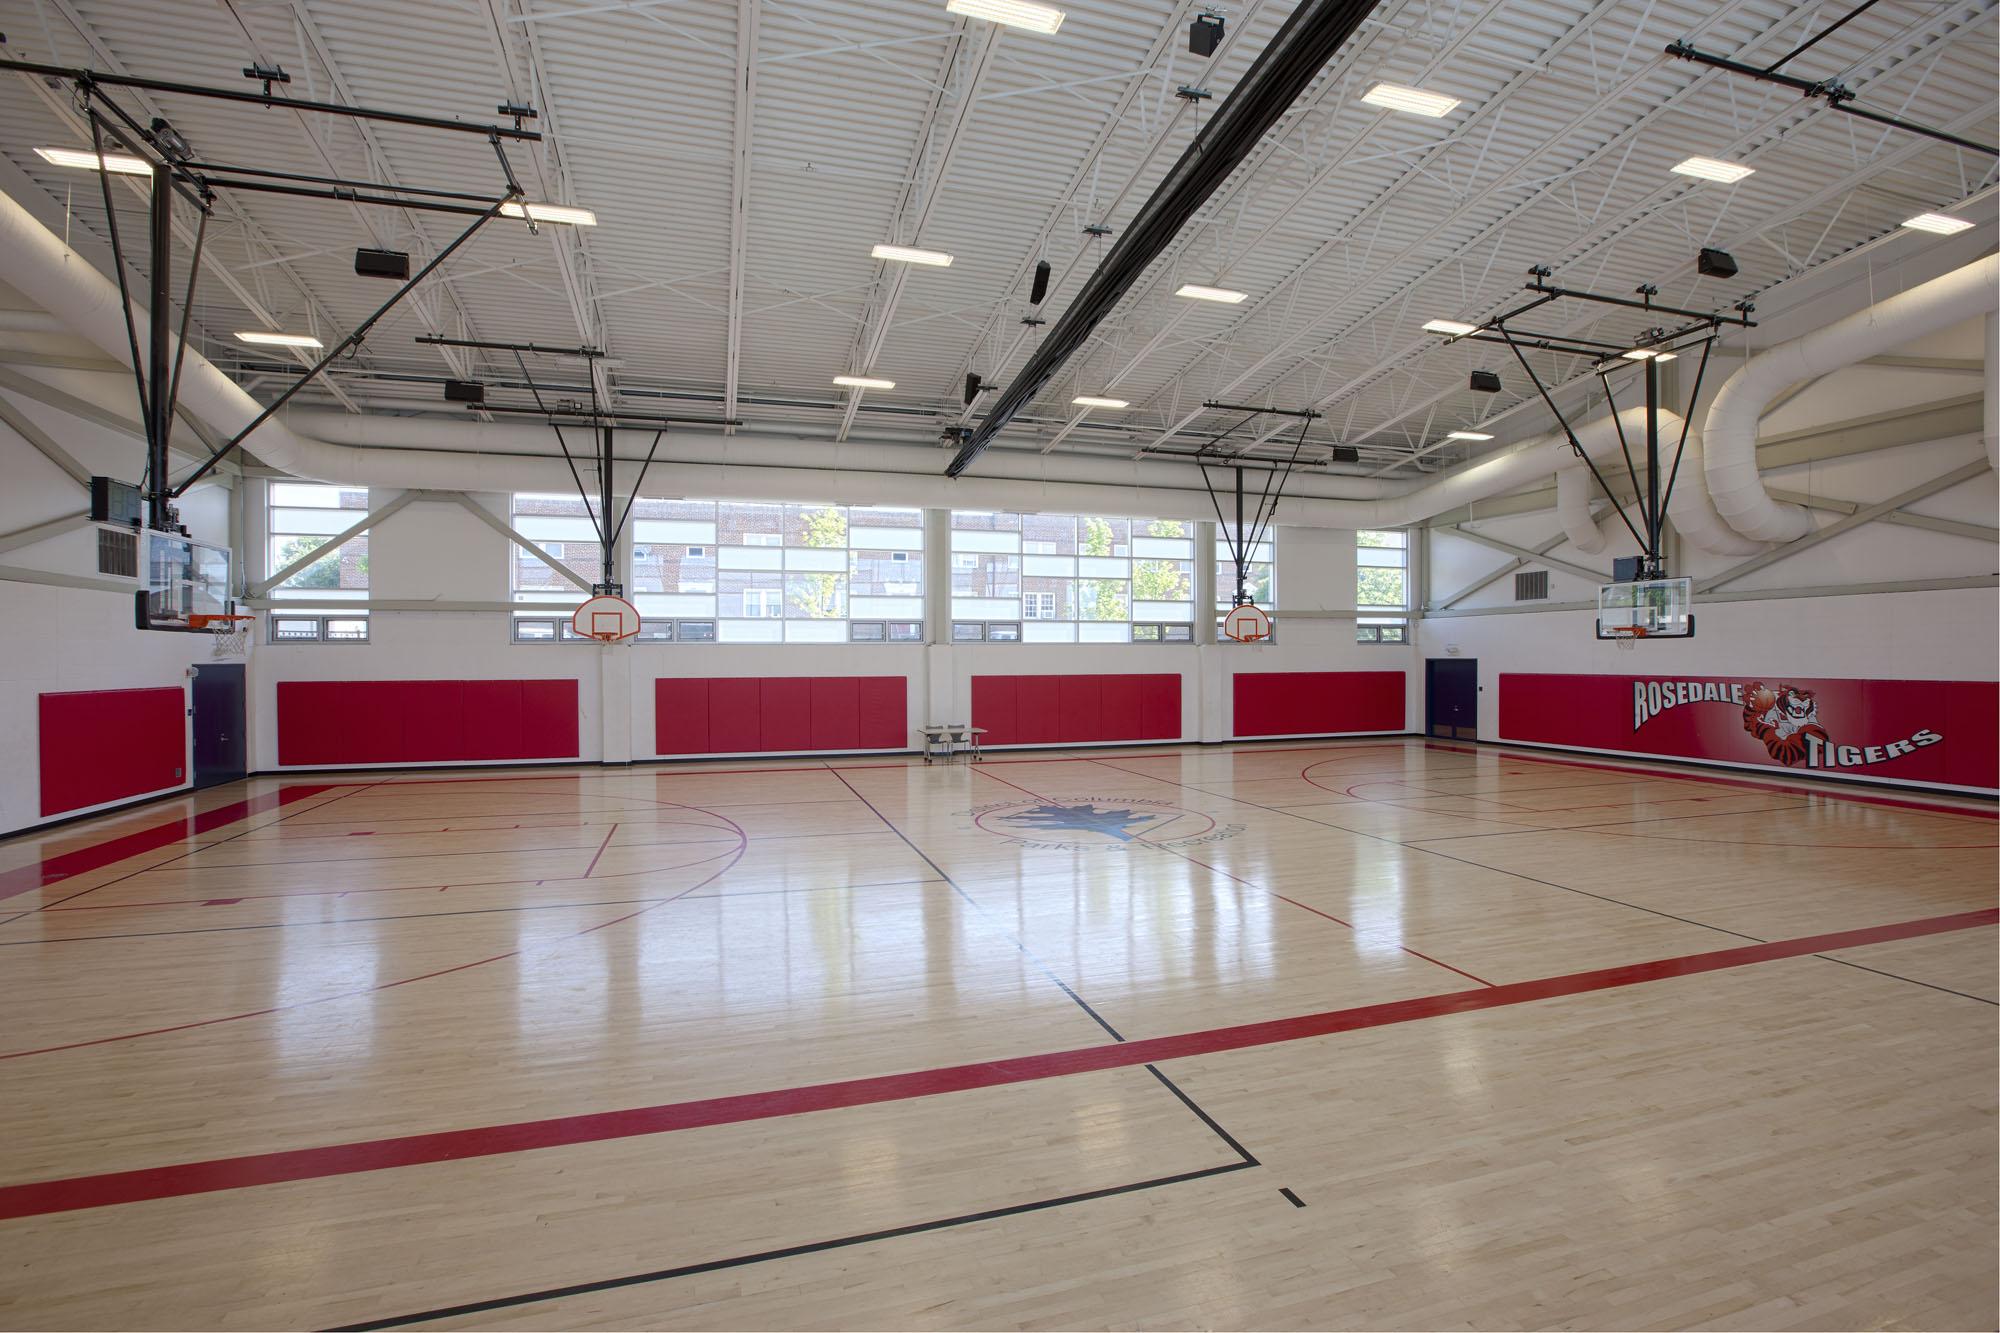 Rosedale Recreation Center Interior Image-144890.jpg